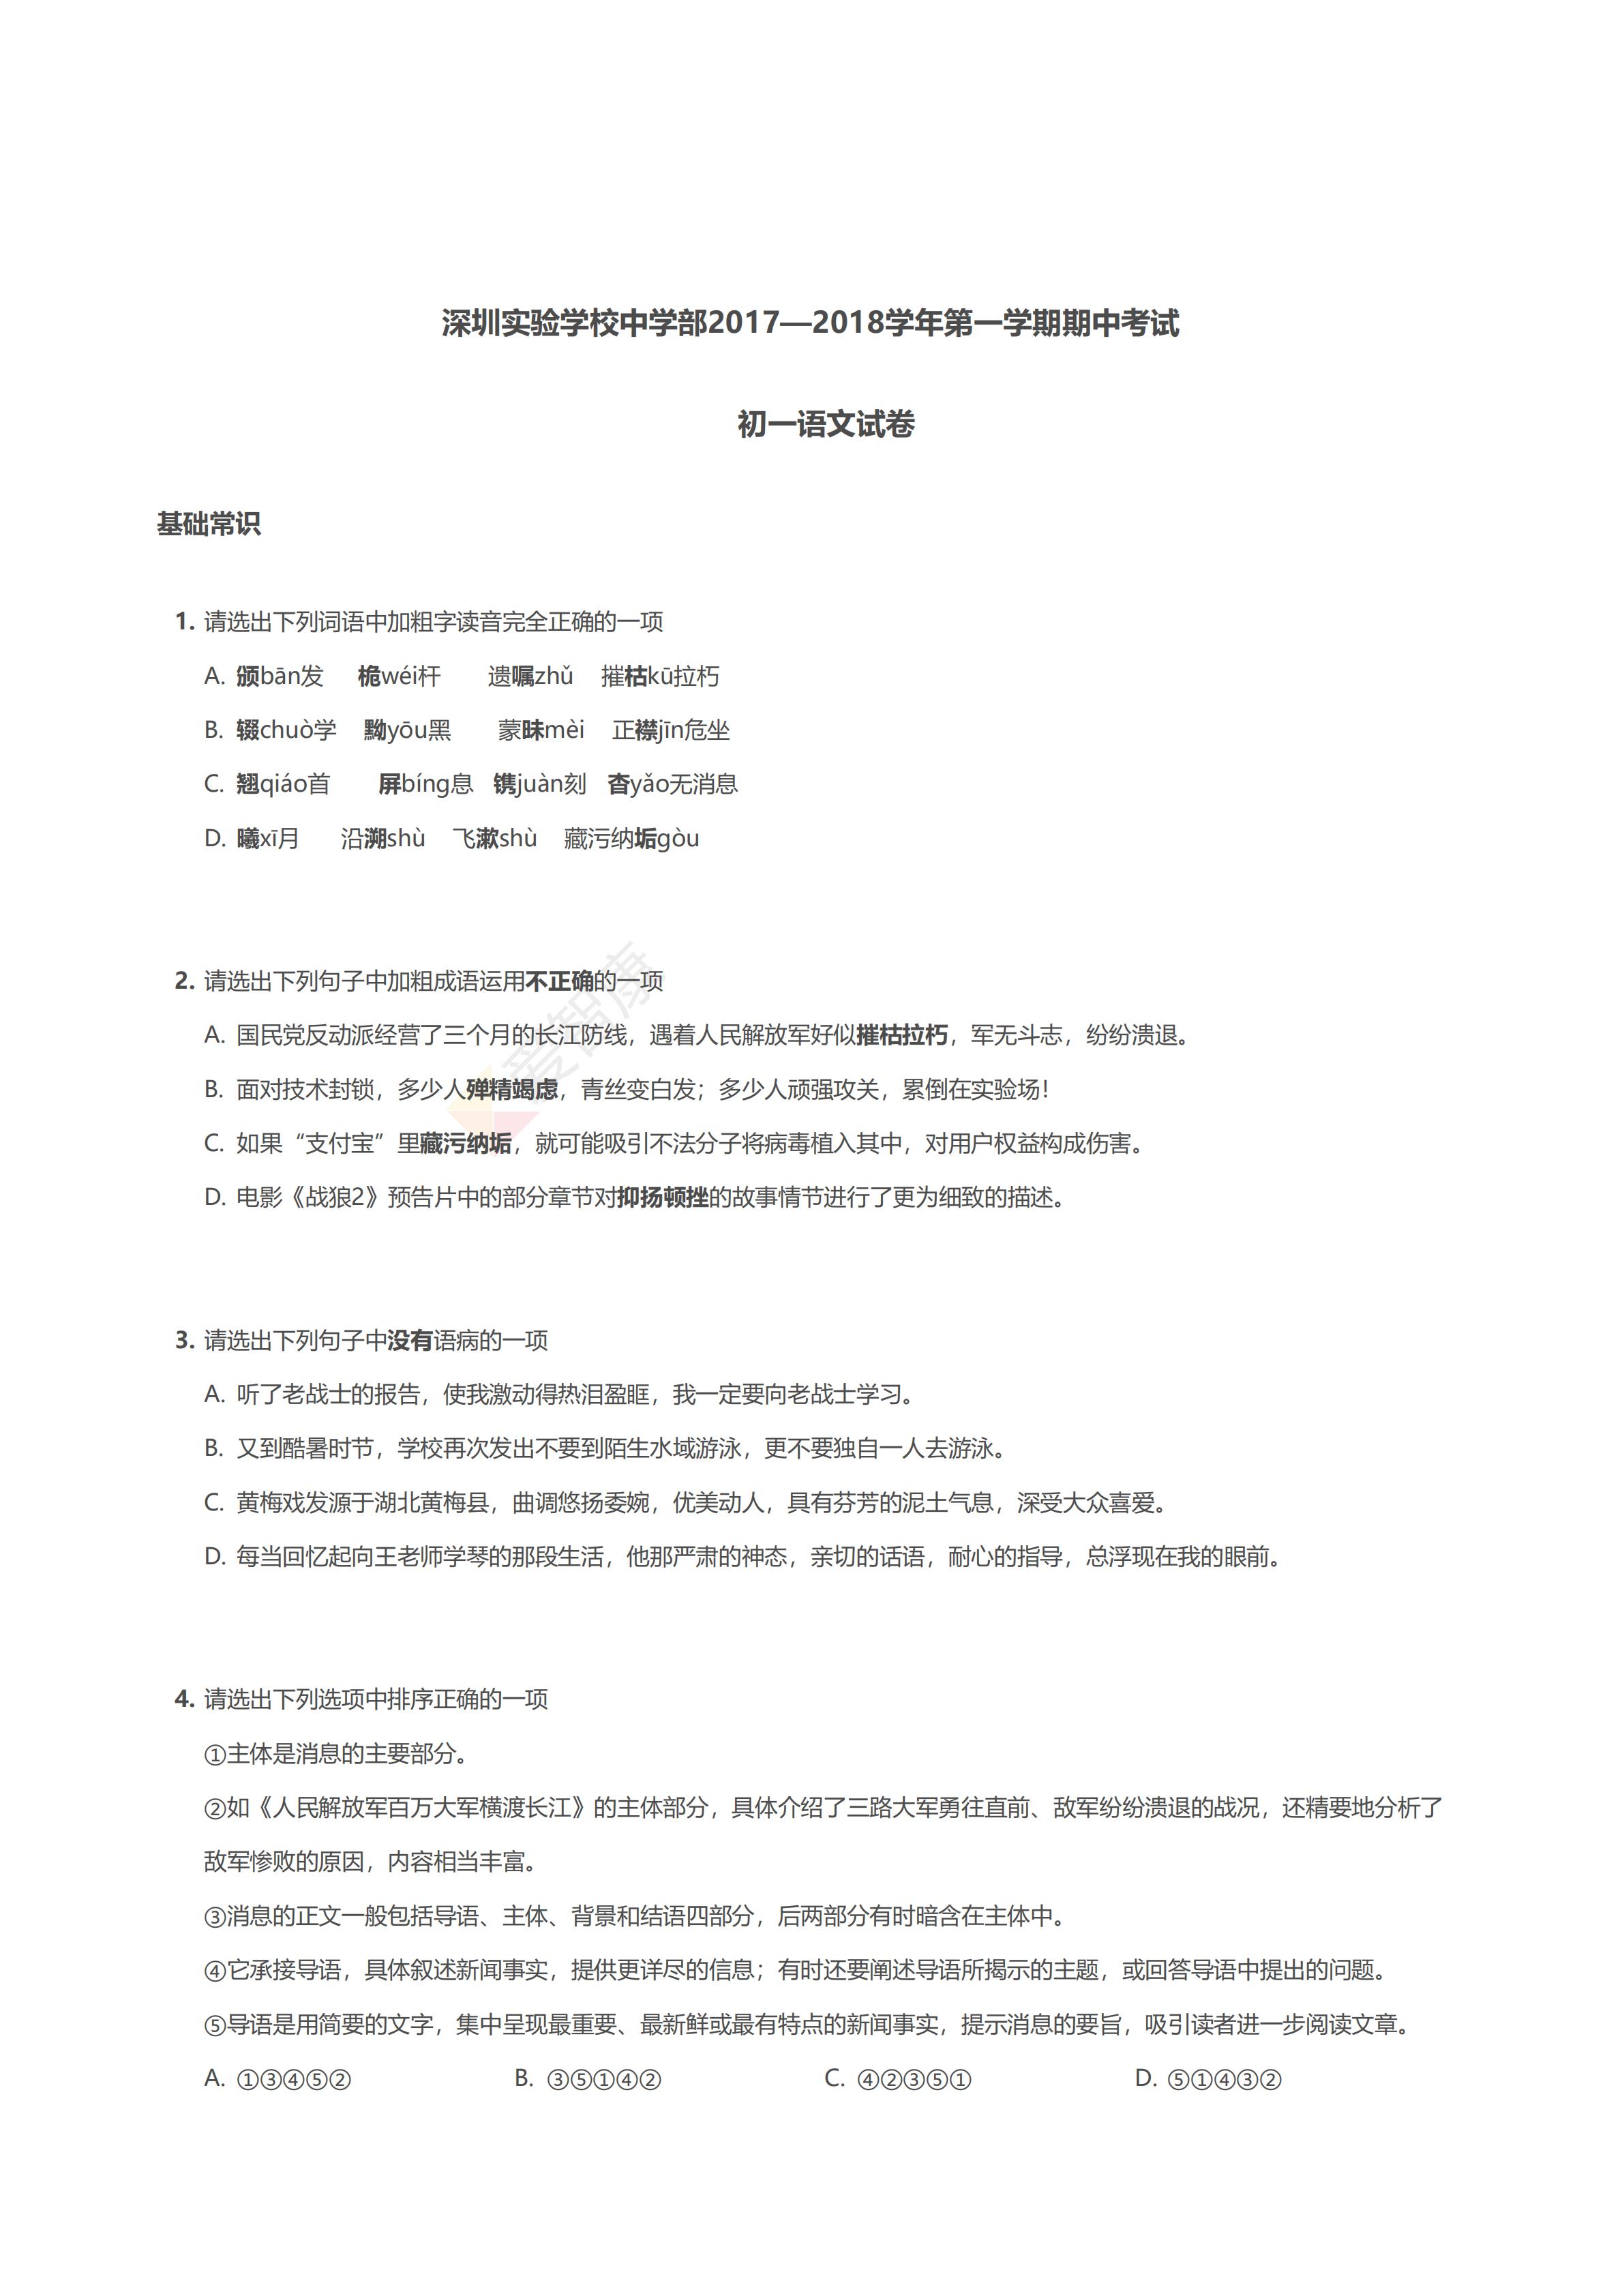 2018深圳初一上期中考试语文复习试题(一)